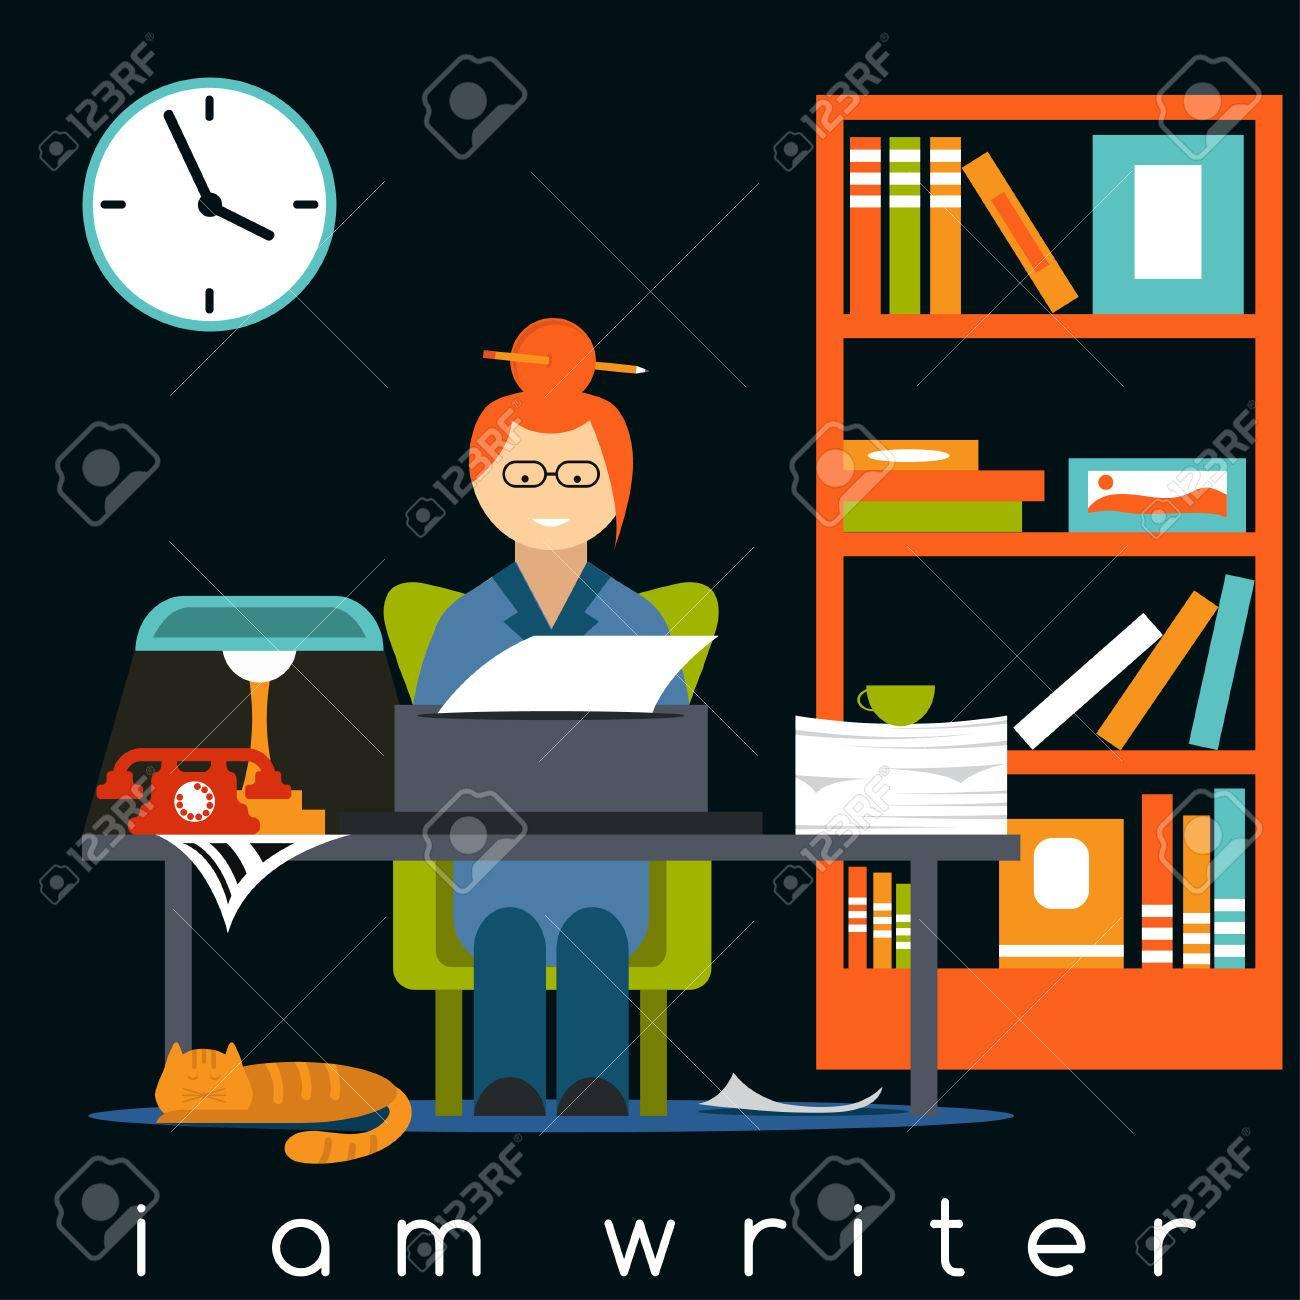 form essay writing helper free